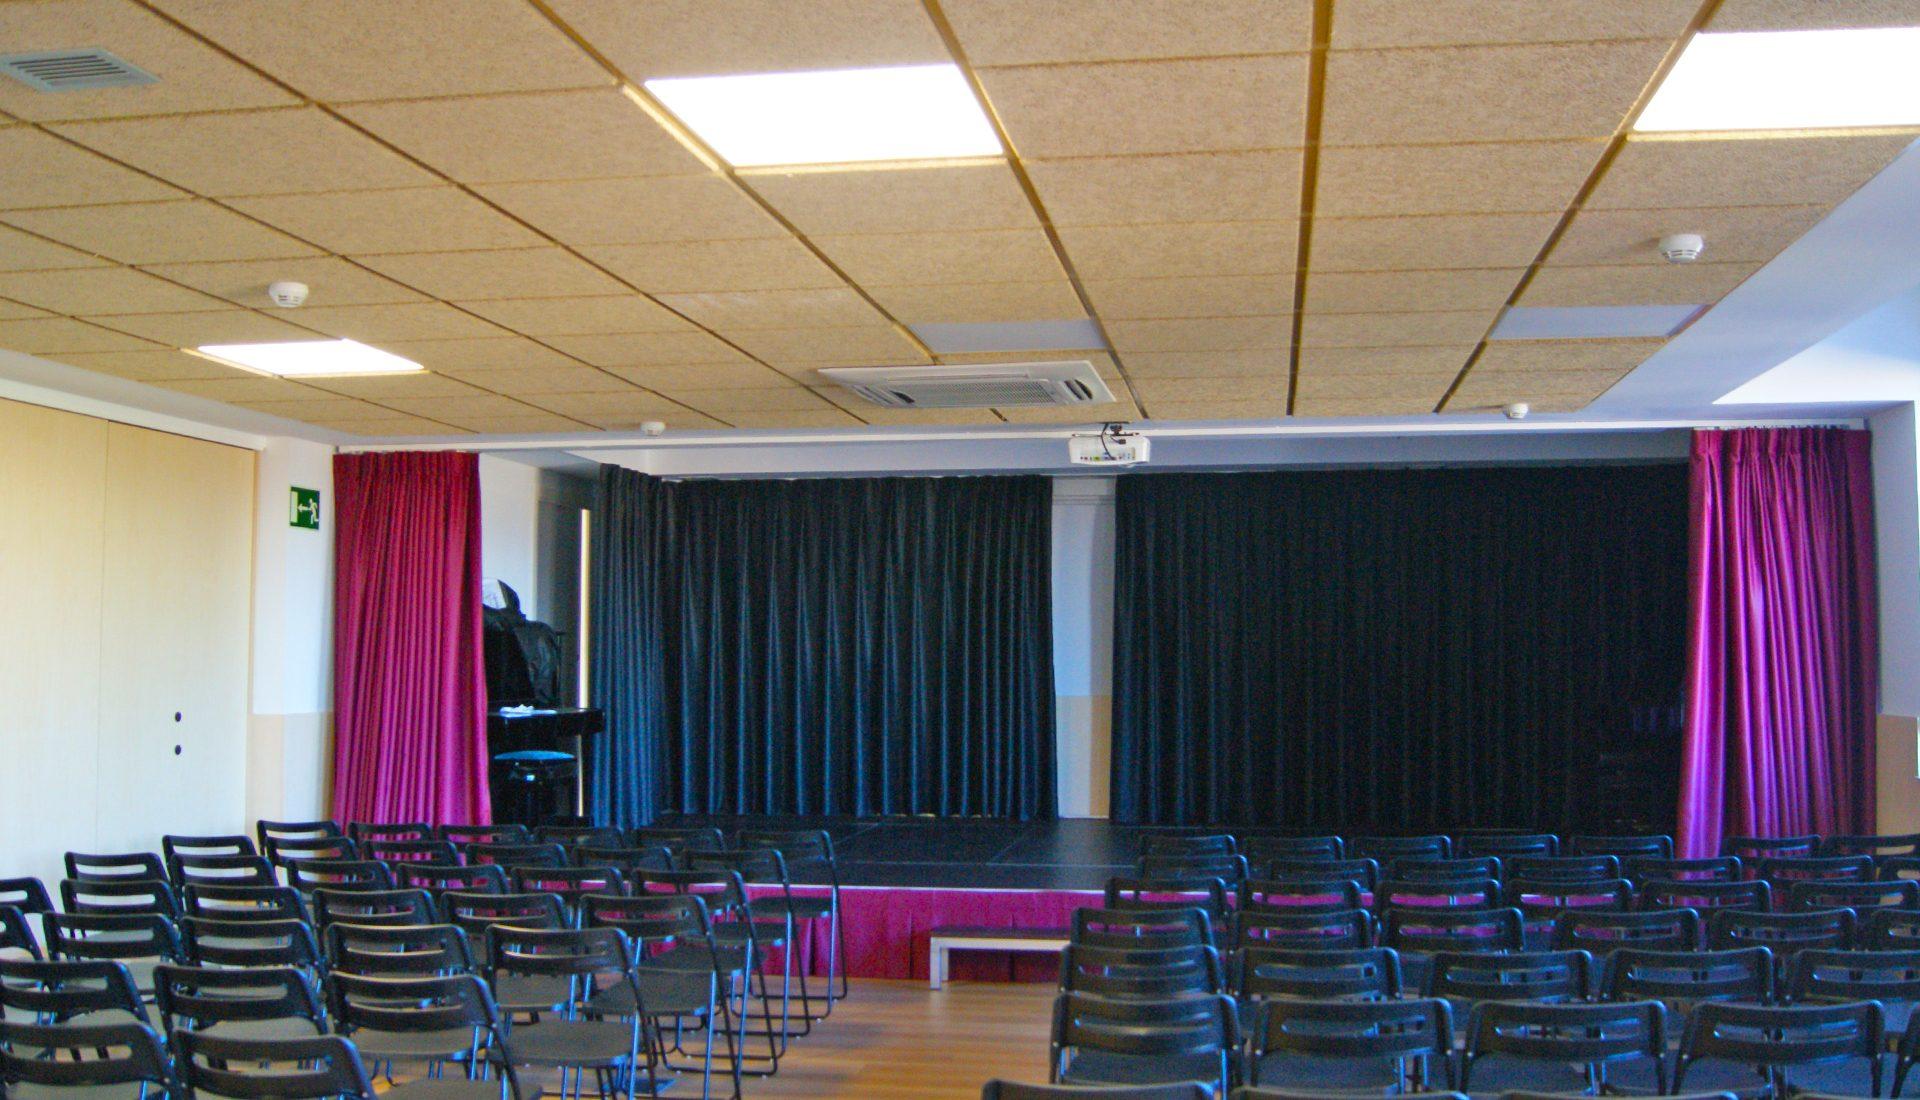 Instalaciones - Sala polivalente